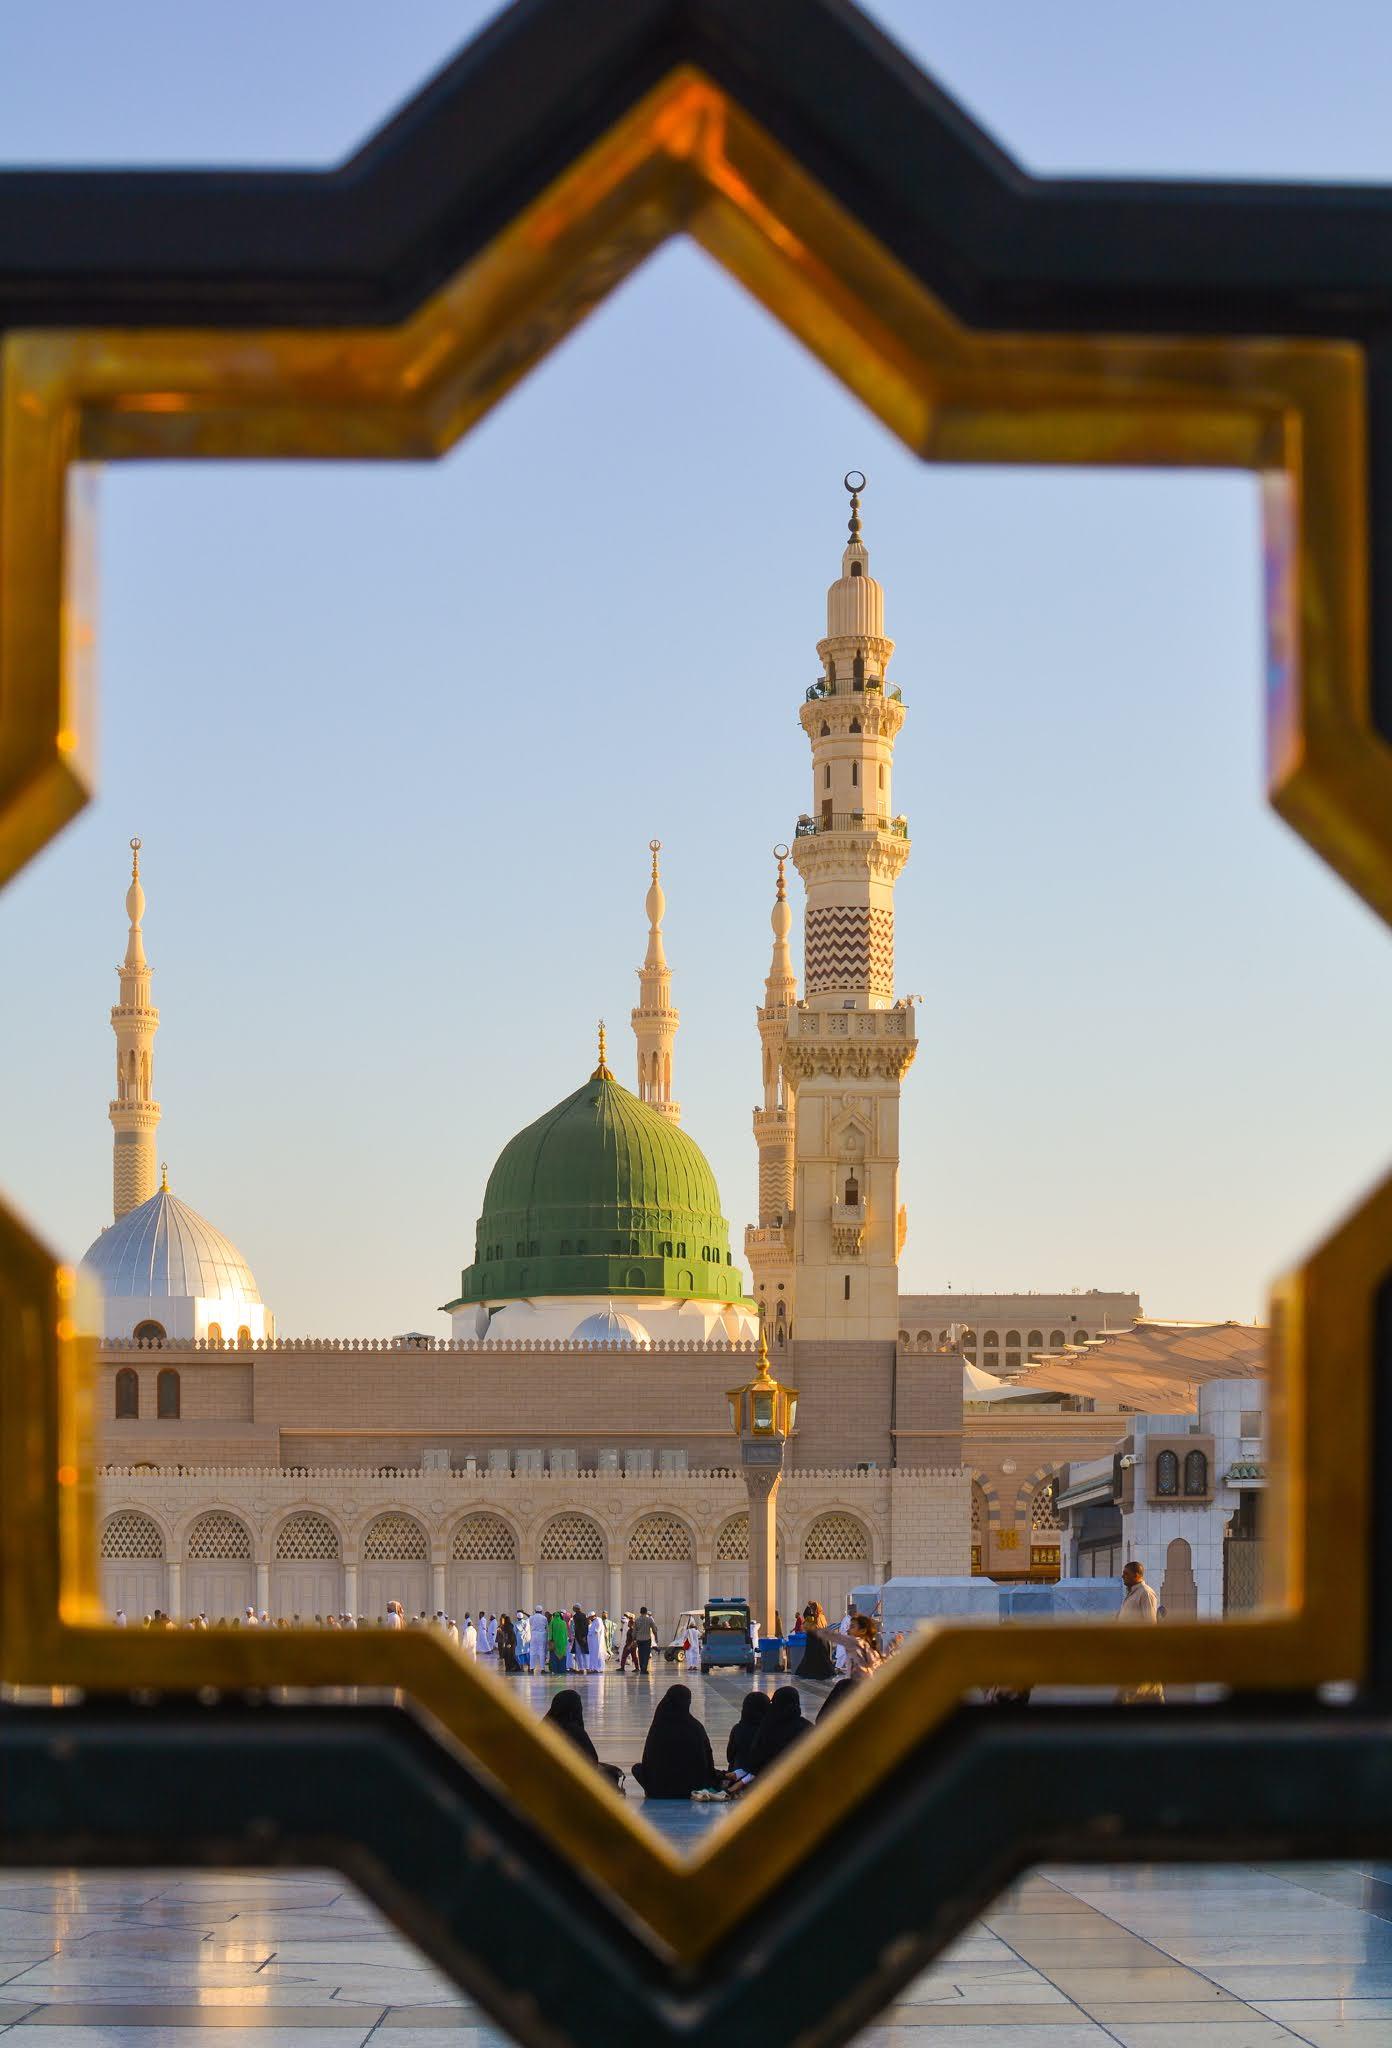 المسجد النبوي الشريف في المدينة المنورة